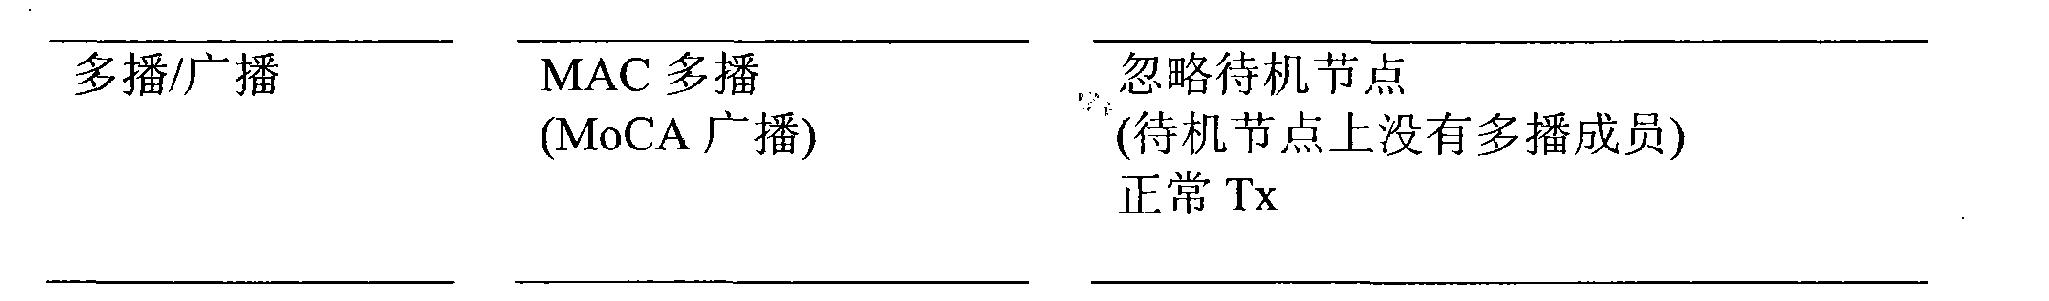 Figure CN102098193BD00162